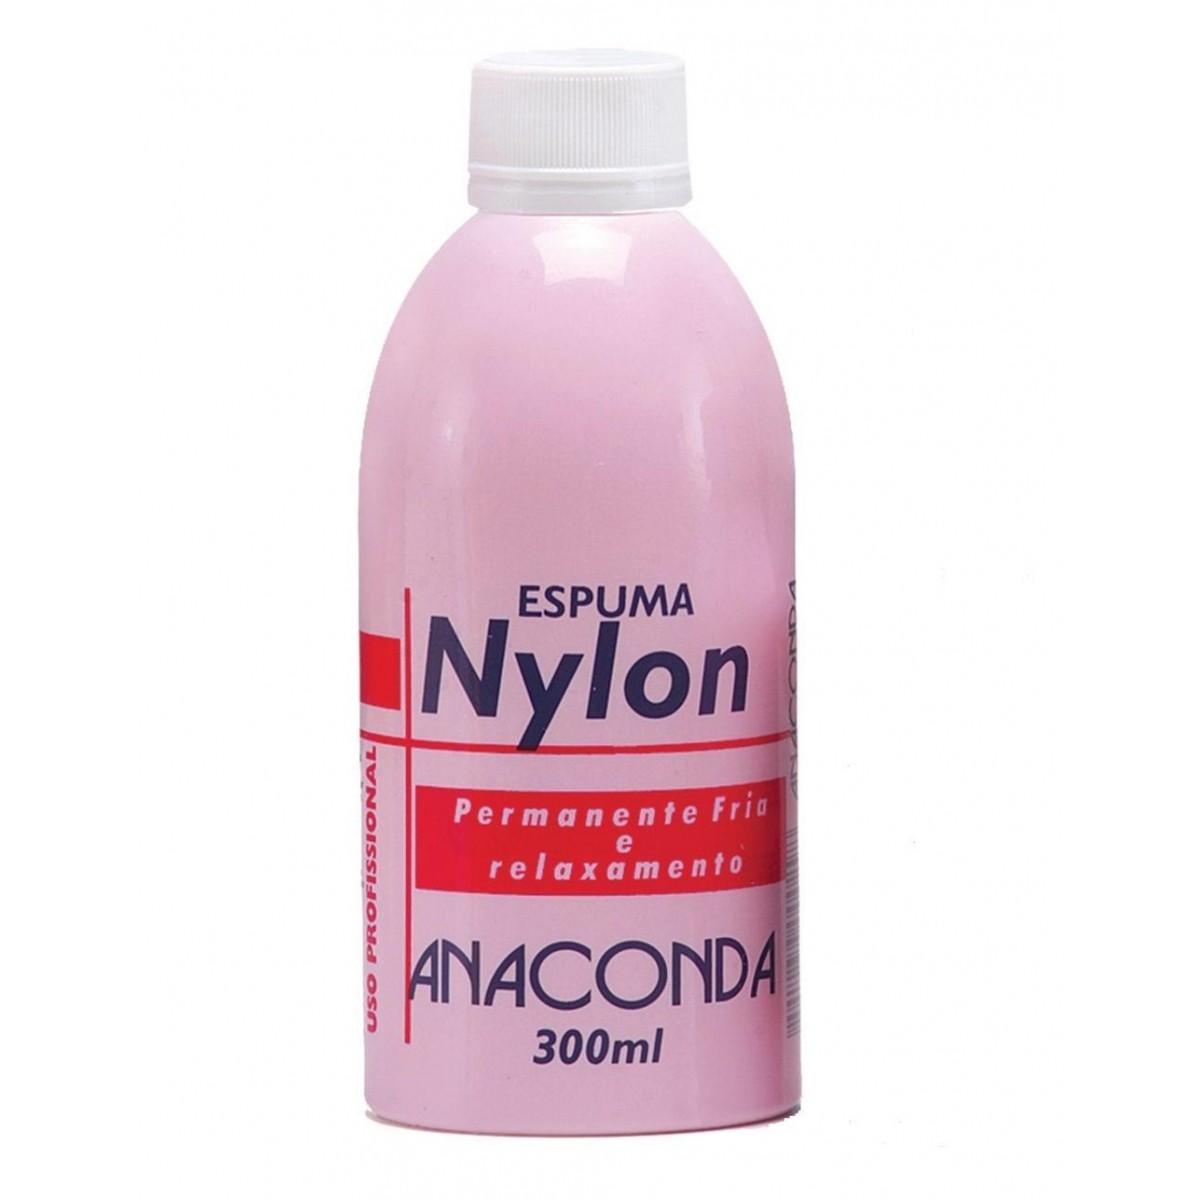 Líquido Para Permanente Espuma Nylon Anaconda 300ml